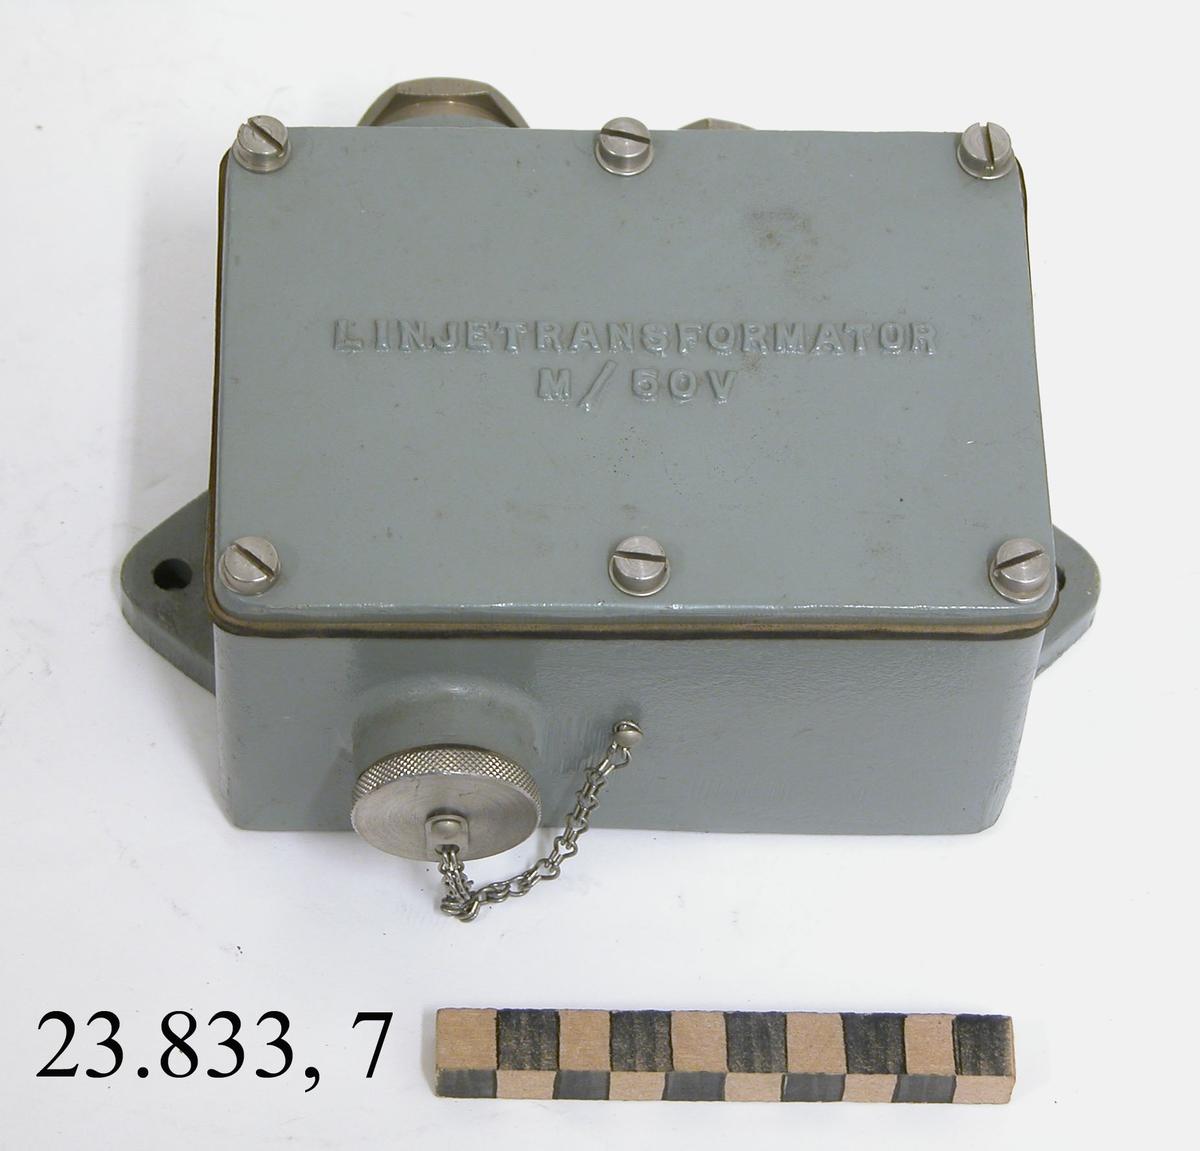 """Linjetransformator M/50C till Radiostation 50W FMUK-station m/44-51. Linjetransformatorn är rektangulär till sin utformning och målad i en gråtonad färg. På framsidan finns anslutningsmöjlighet för en anslutningskabel, denna är också försedd med ett påskruvningsbart metallskydd. På baksidan finns anslutningsmöjlighet för två olika anslutningskablar. Linjetransformatorn kan fästas i vägg eller tak via två utskjutande skruvhålsplattor som finns nedtill på apparaten. På ovansidan är apparaten märkt i relieftext med: """"LINJETRANSFORMATOR M/50V""""."""